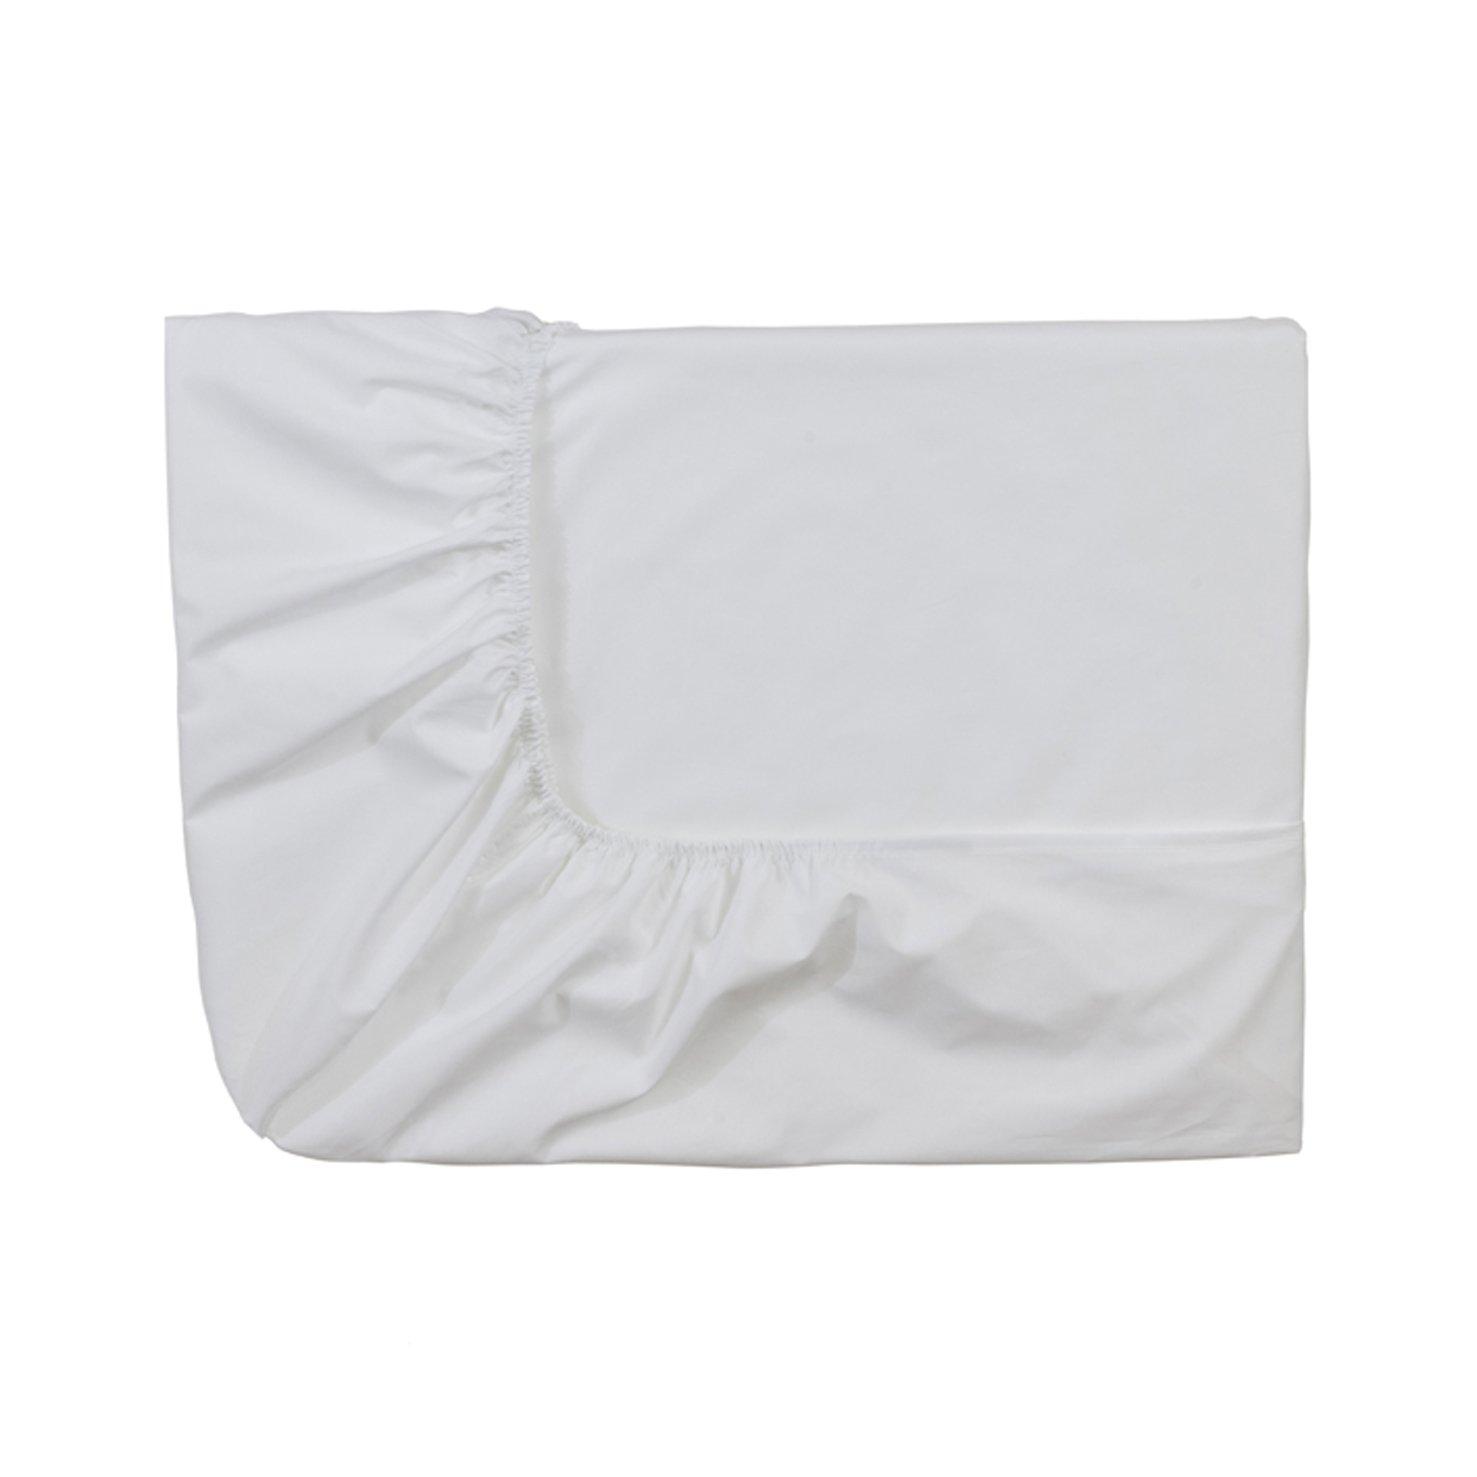 Essix Royal Line–Lenzuolo con angoli elasticizzati, in percalle di cotone, bianco, 80x 200cm Essix Home Collection 3359100147922